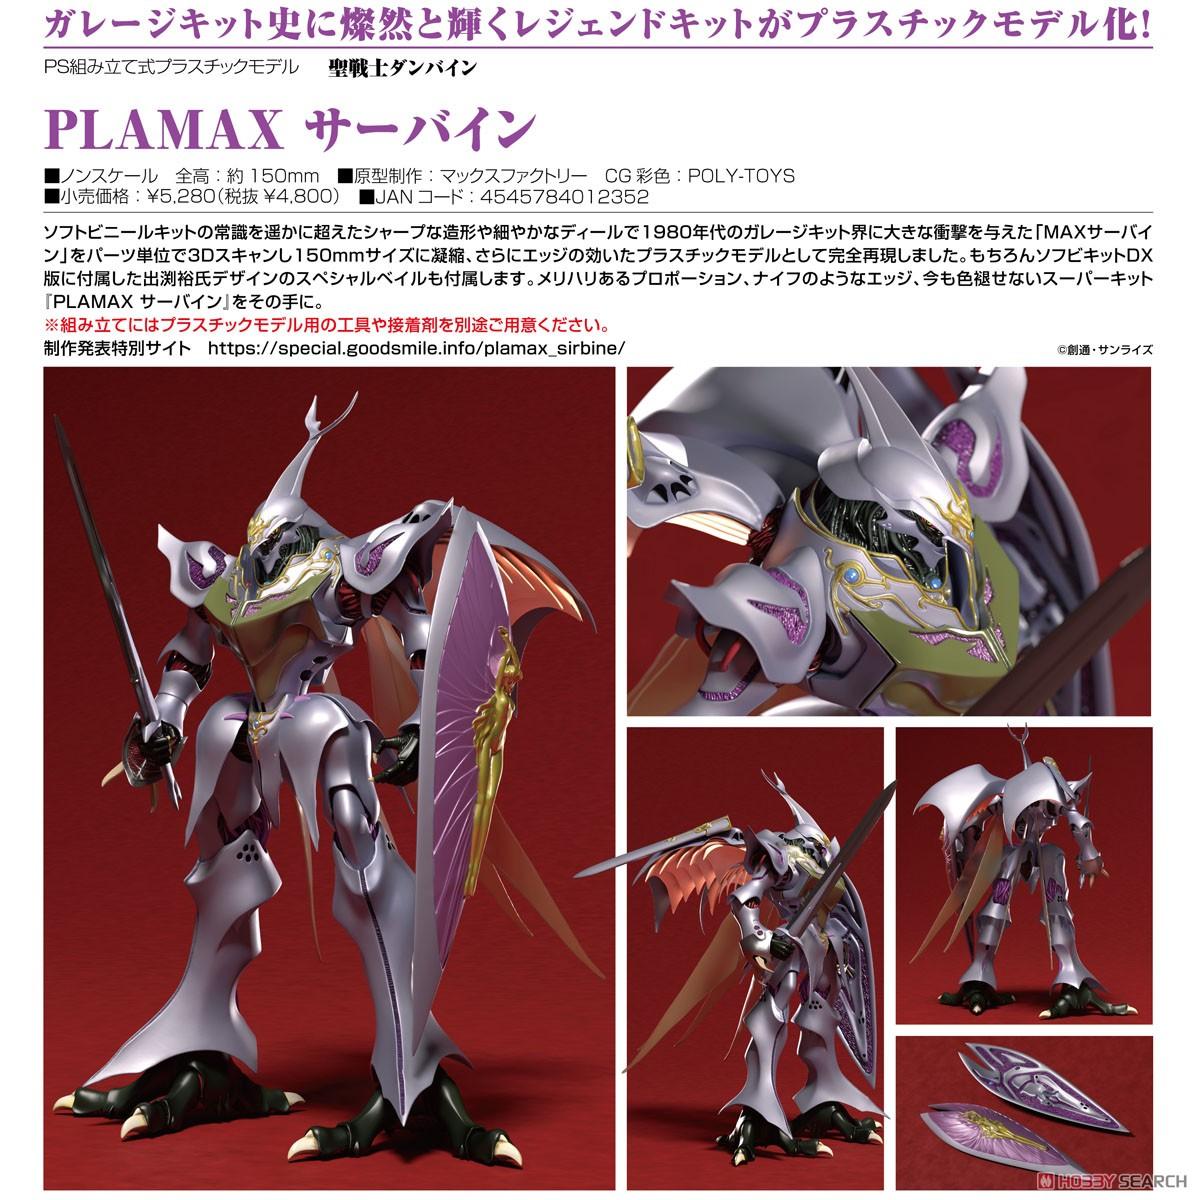 【再販】PLAMAX『サーバイン』聖戦士ダンバイン プラモデル-007